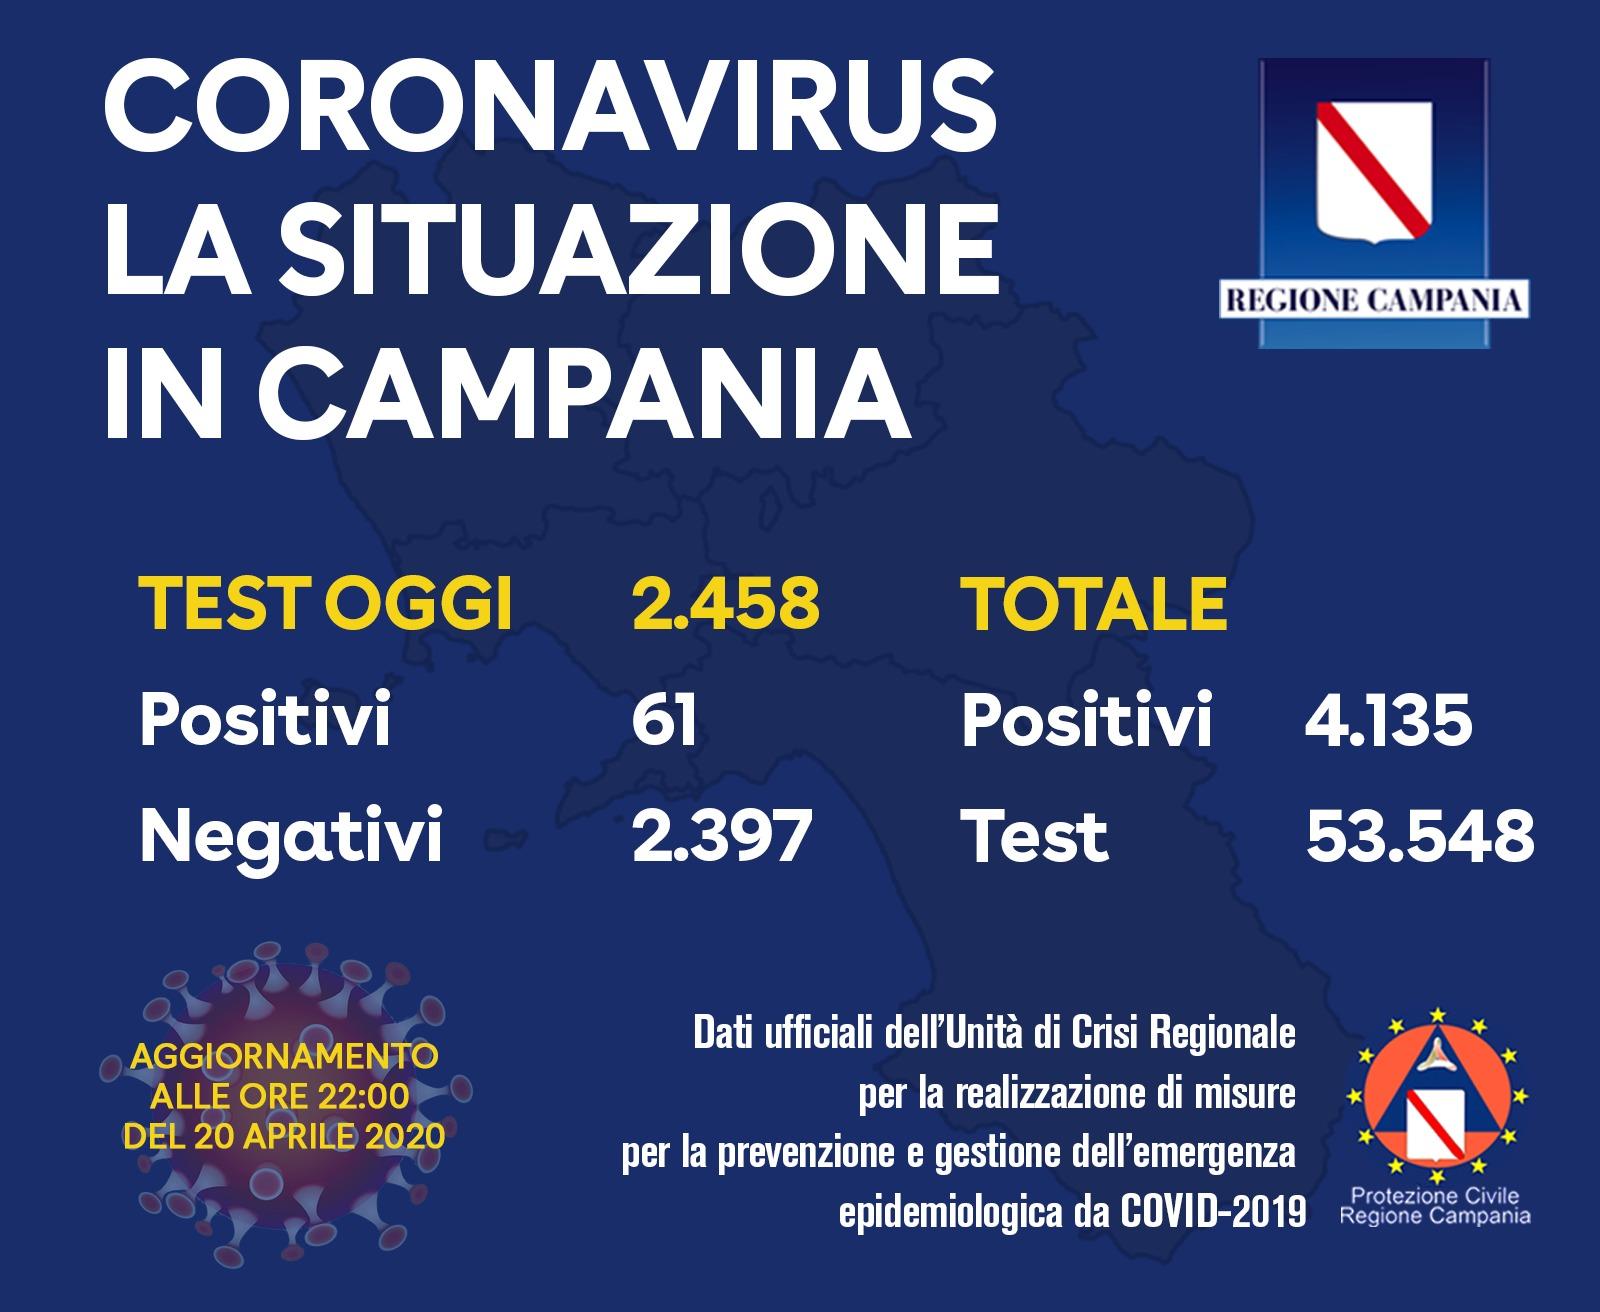 Coronavirus, dati della Campania: 61 positivi su 2.458 tamponi